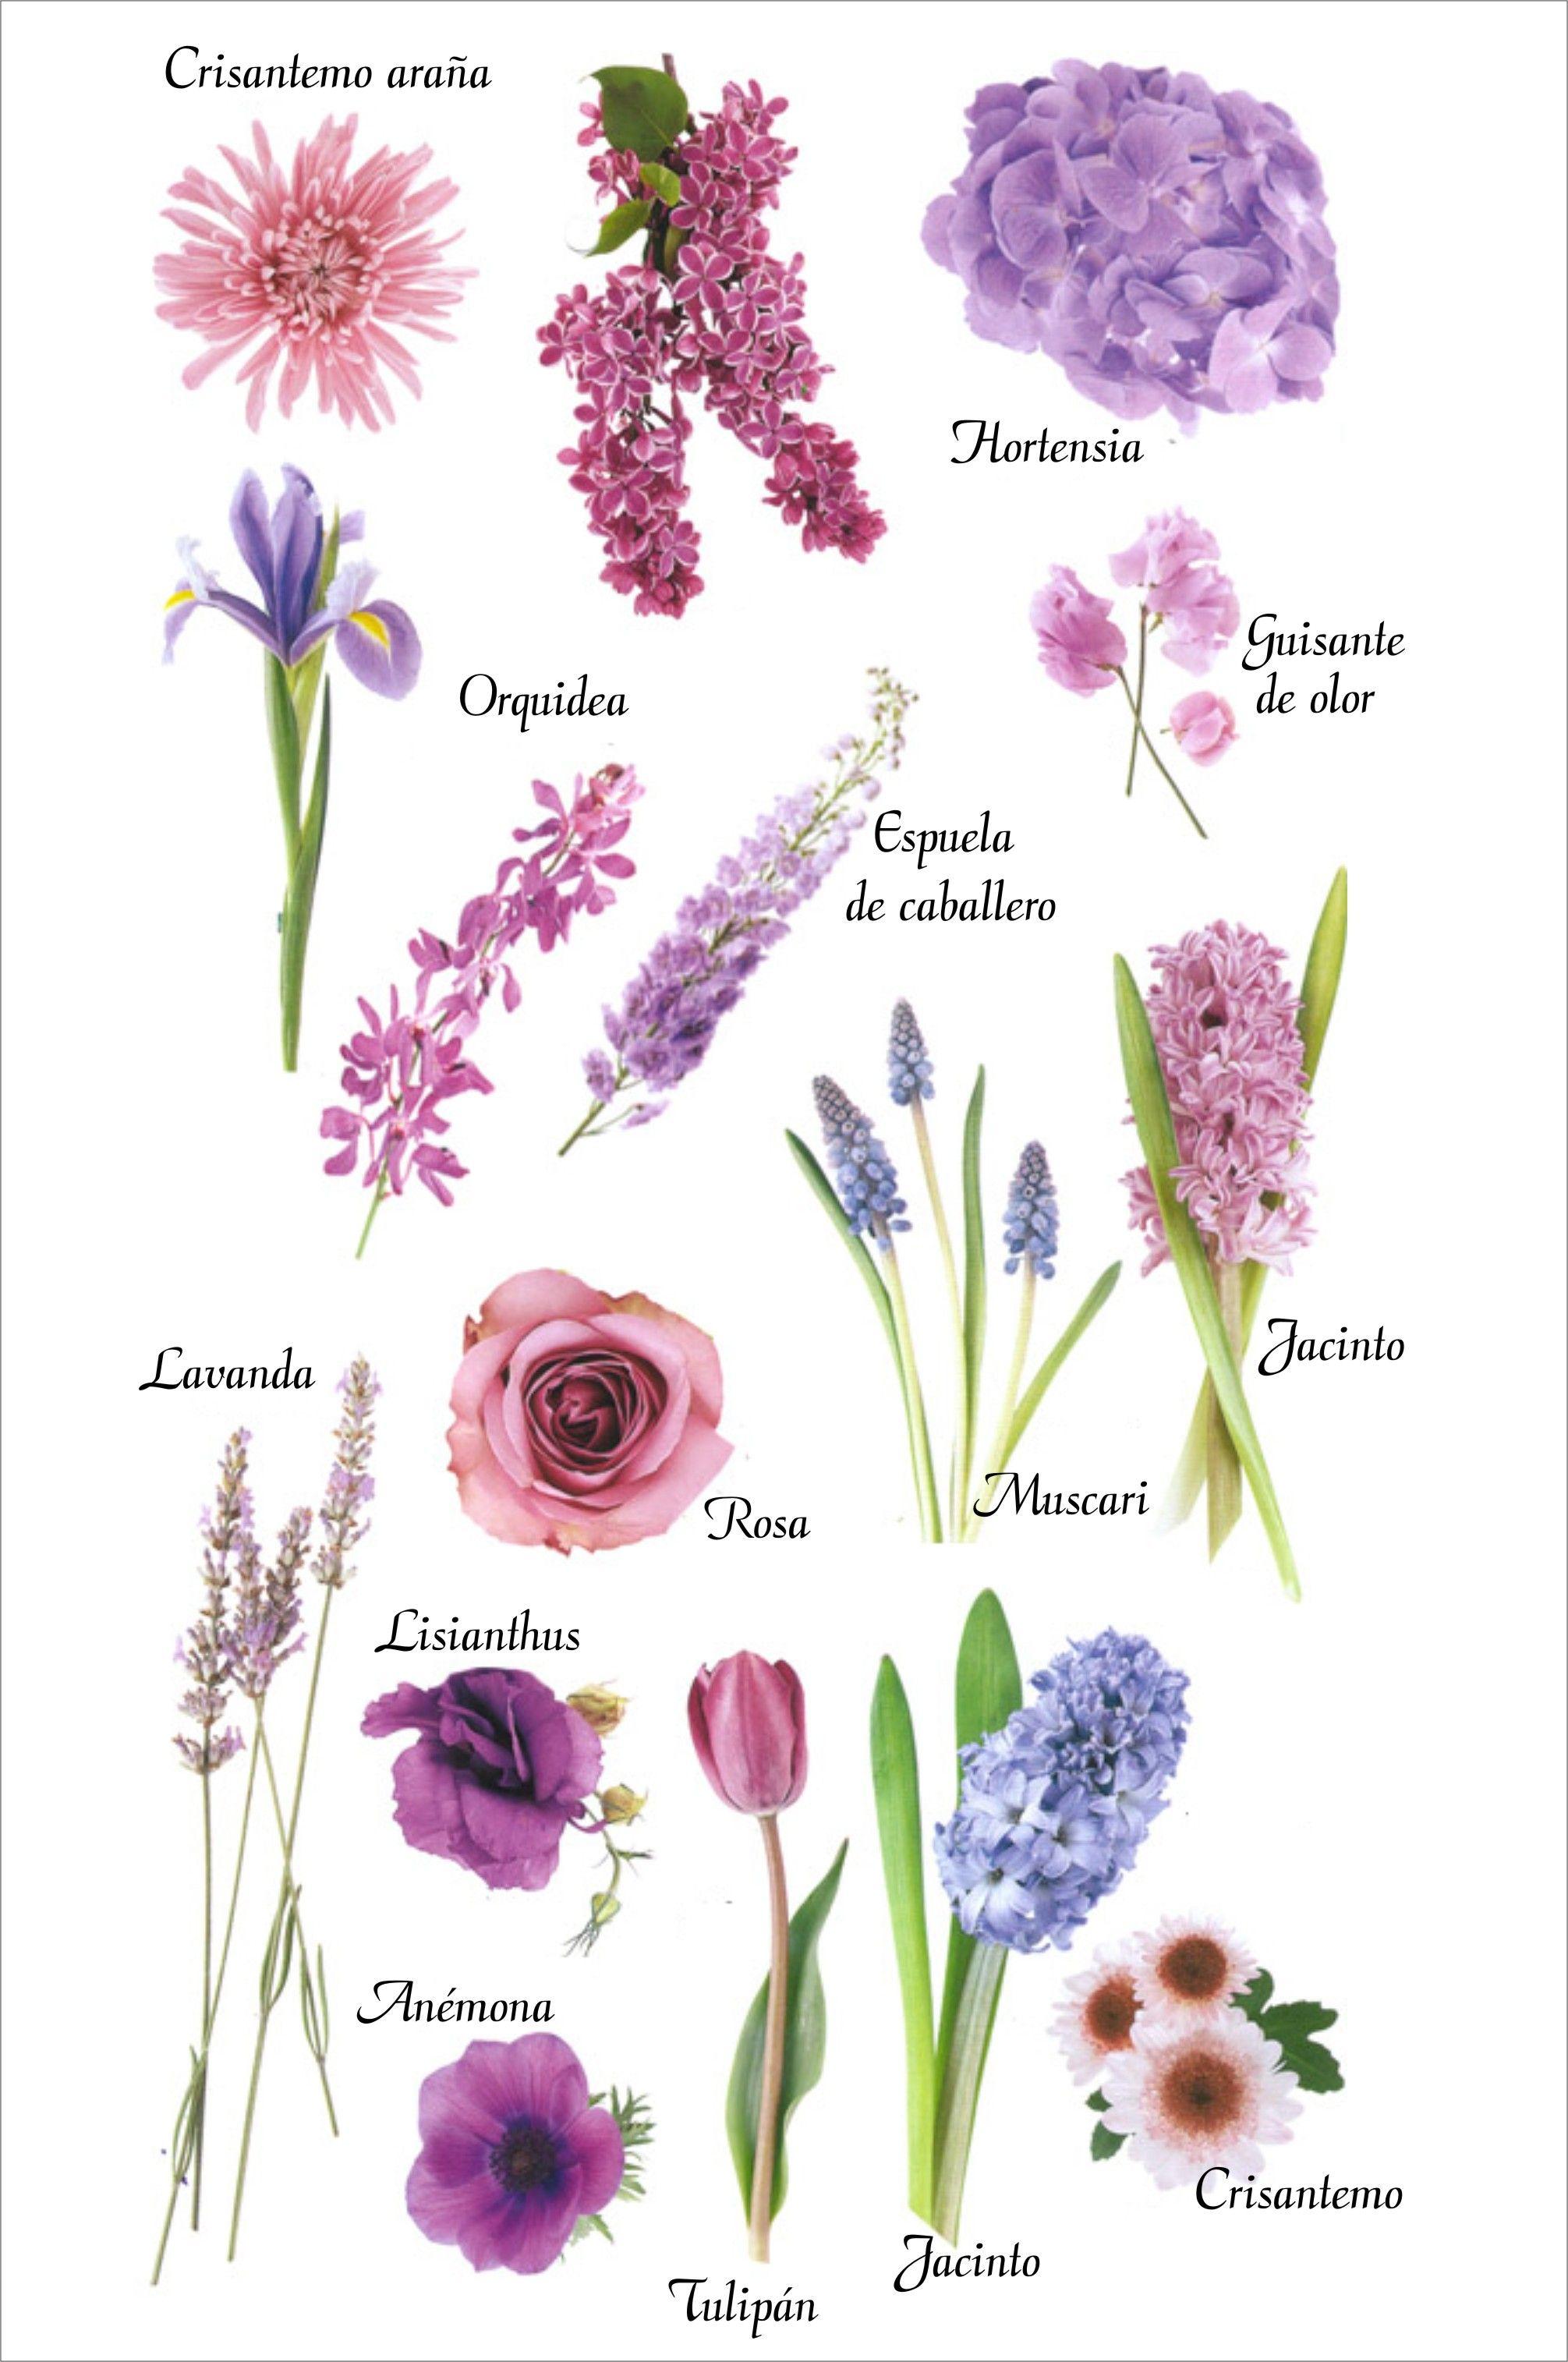 M s de 25 ideas incre bles sobre flores y sus nombres en - Clase de flores y sus nombres ...